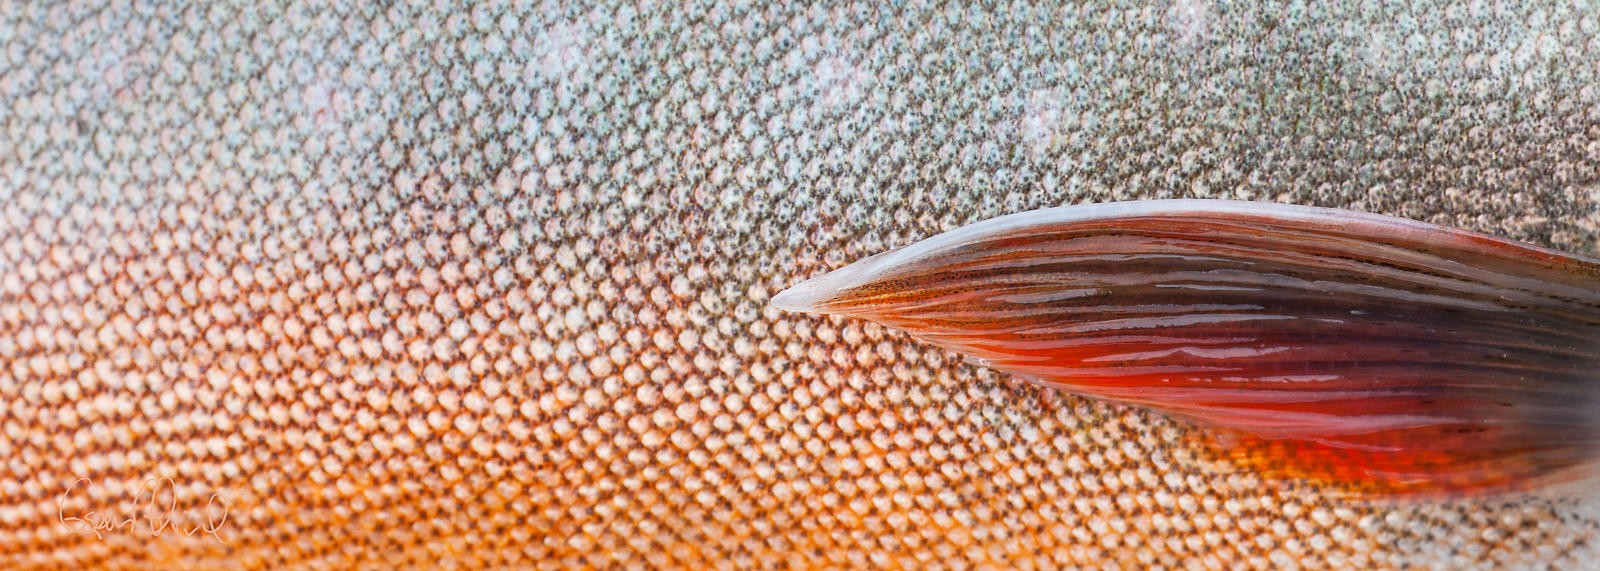 Isfiske røye